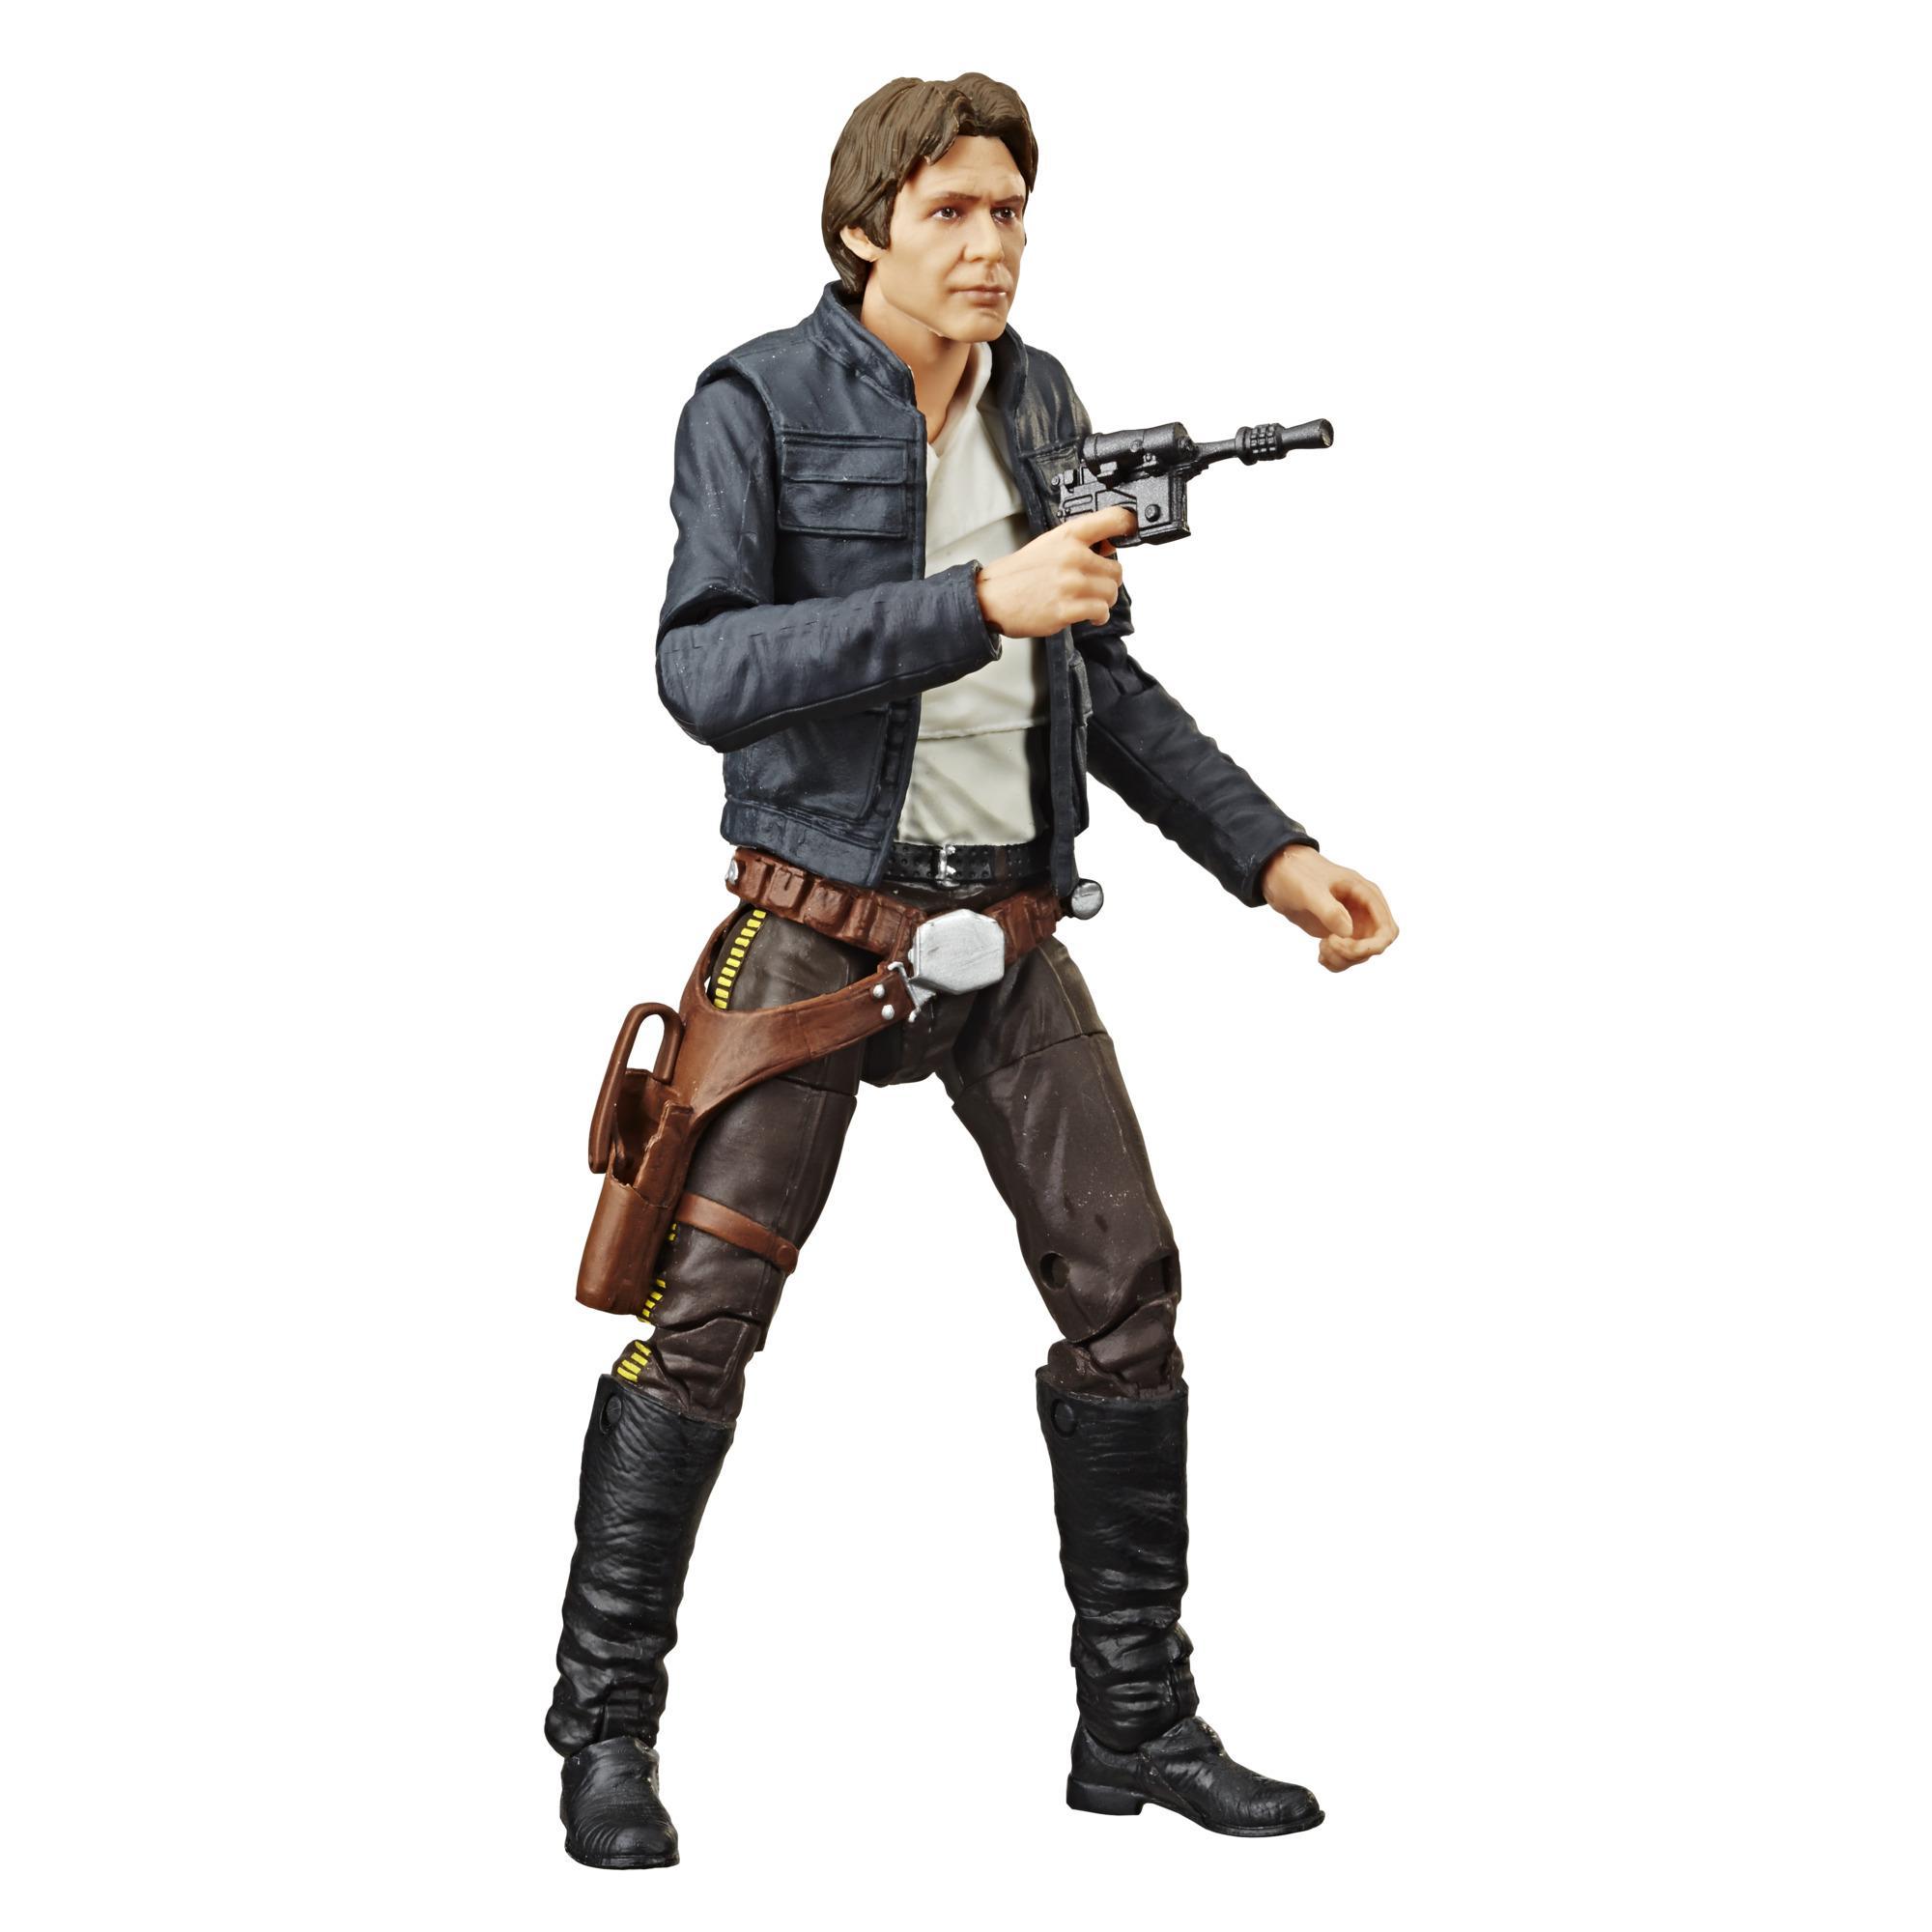 Star Wars The Black Series - Han Solo (Bespin) a escala de 15 cm - Star Wars: El Imperio contraataca - 40.º aniversario